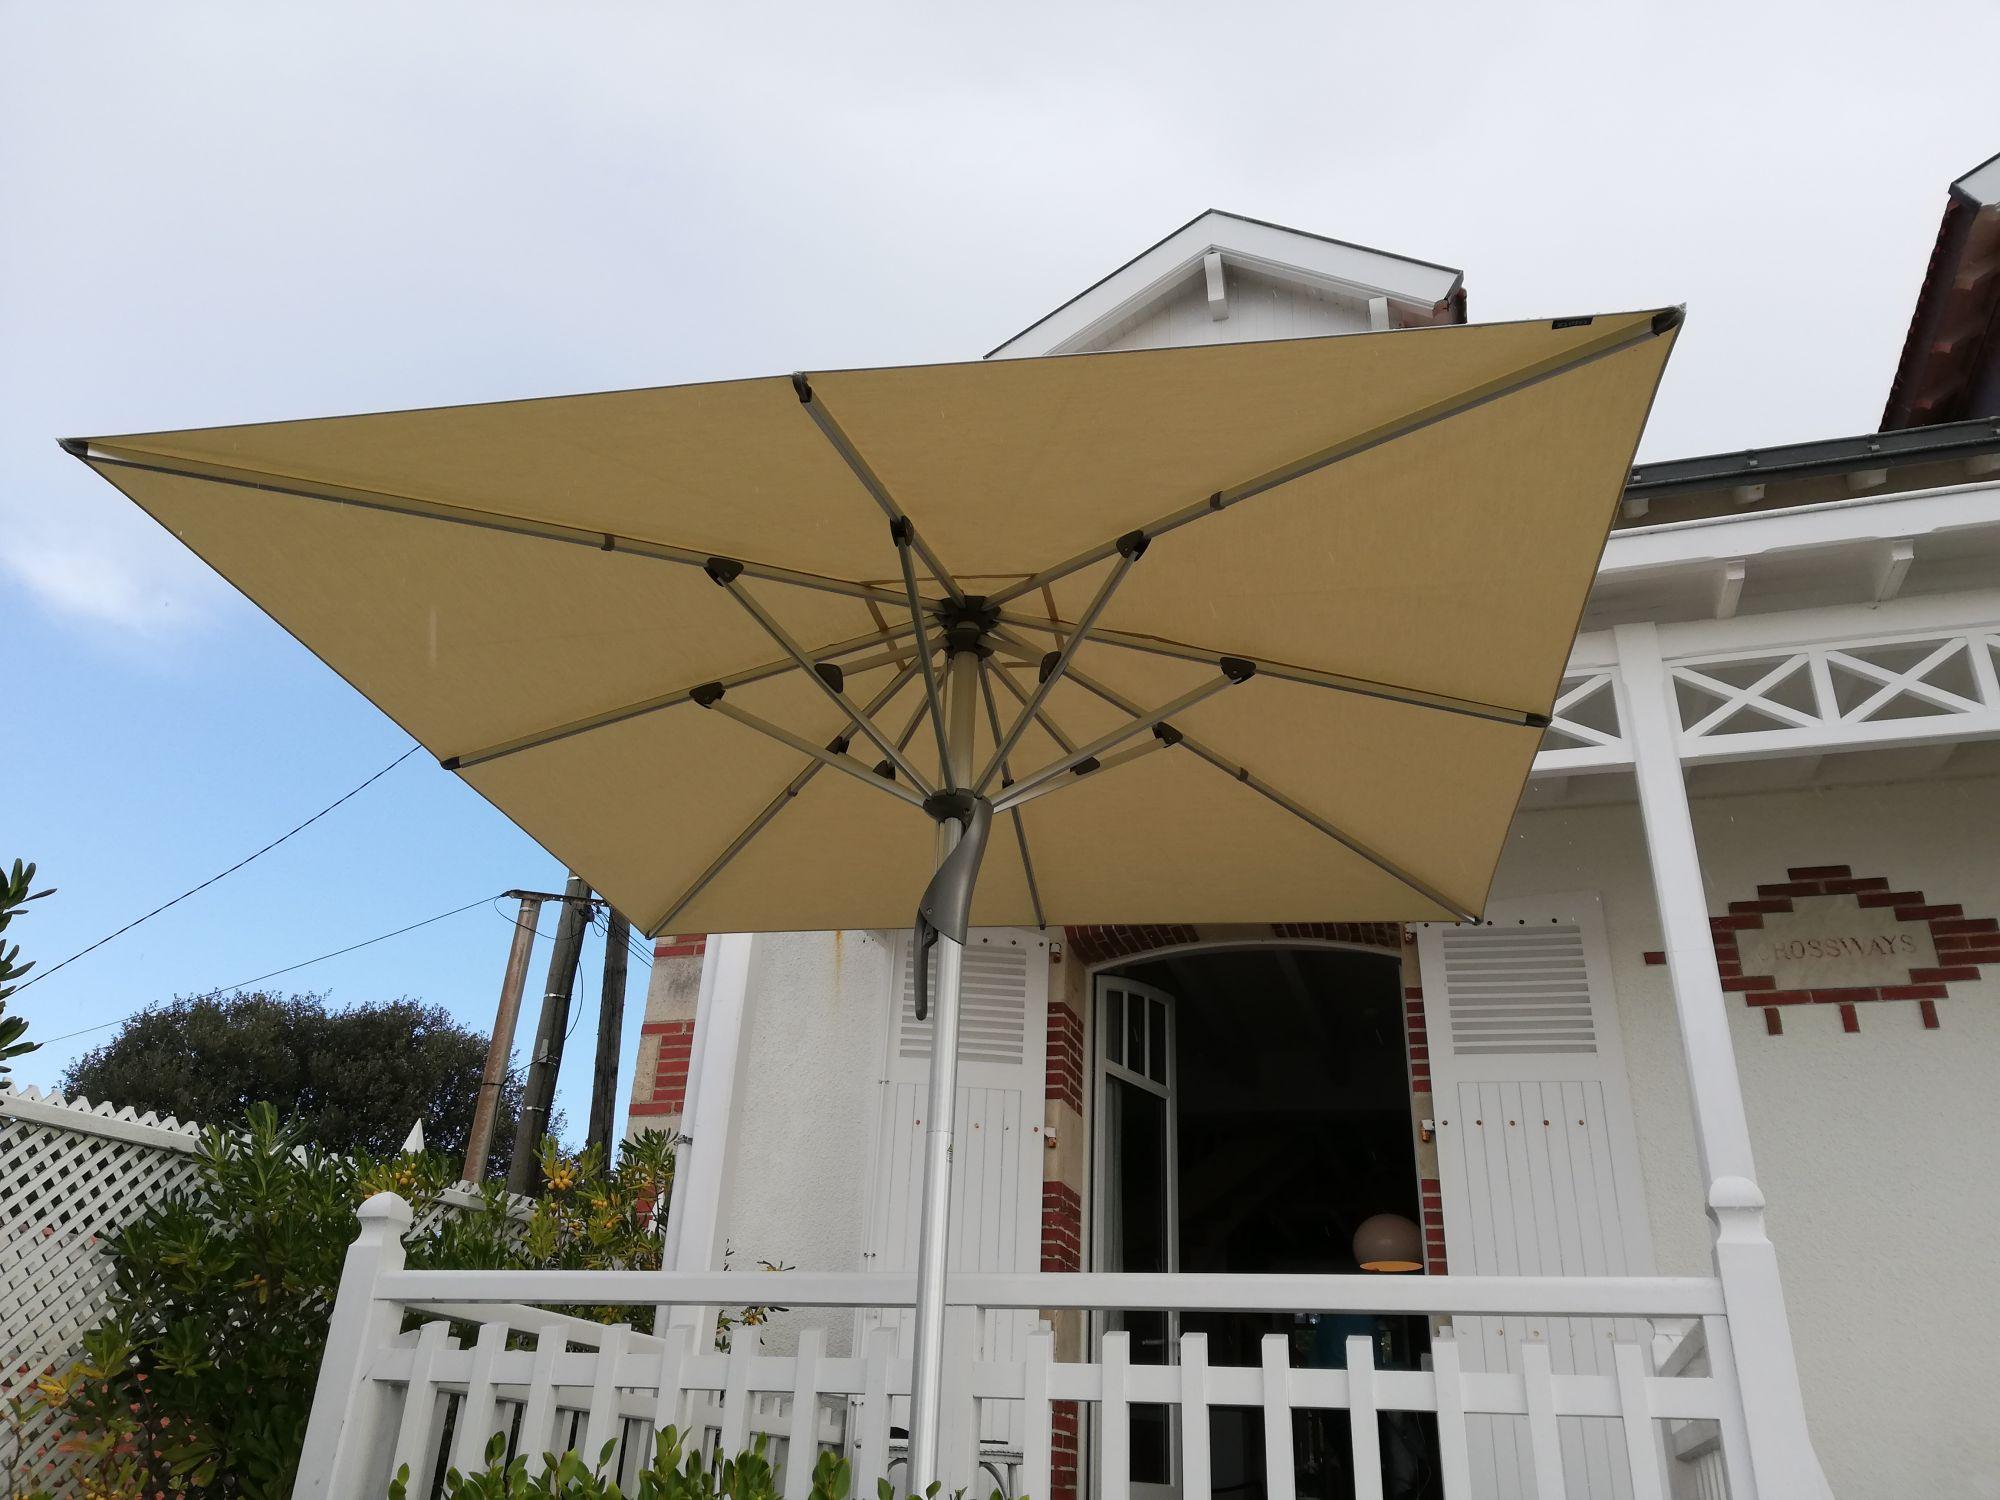 parasol vue pres